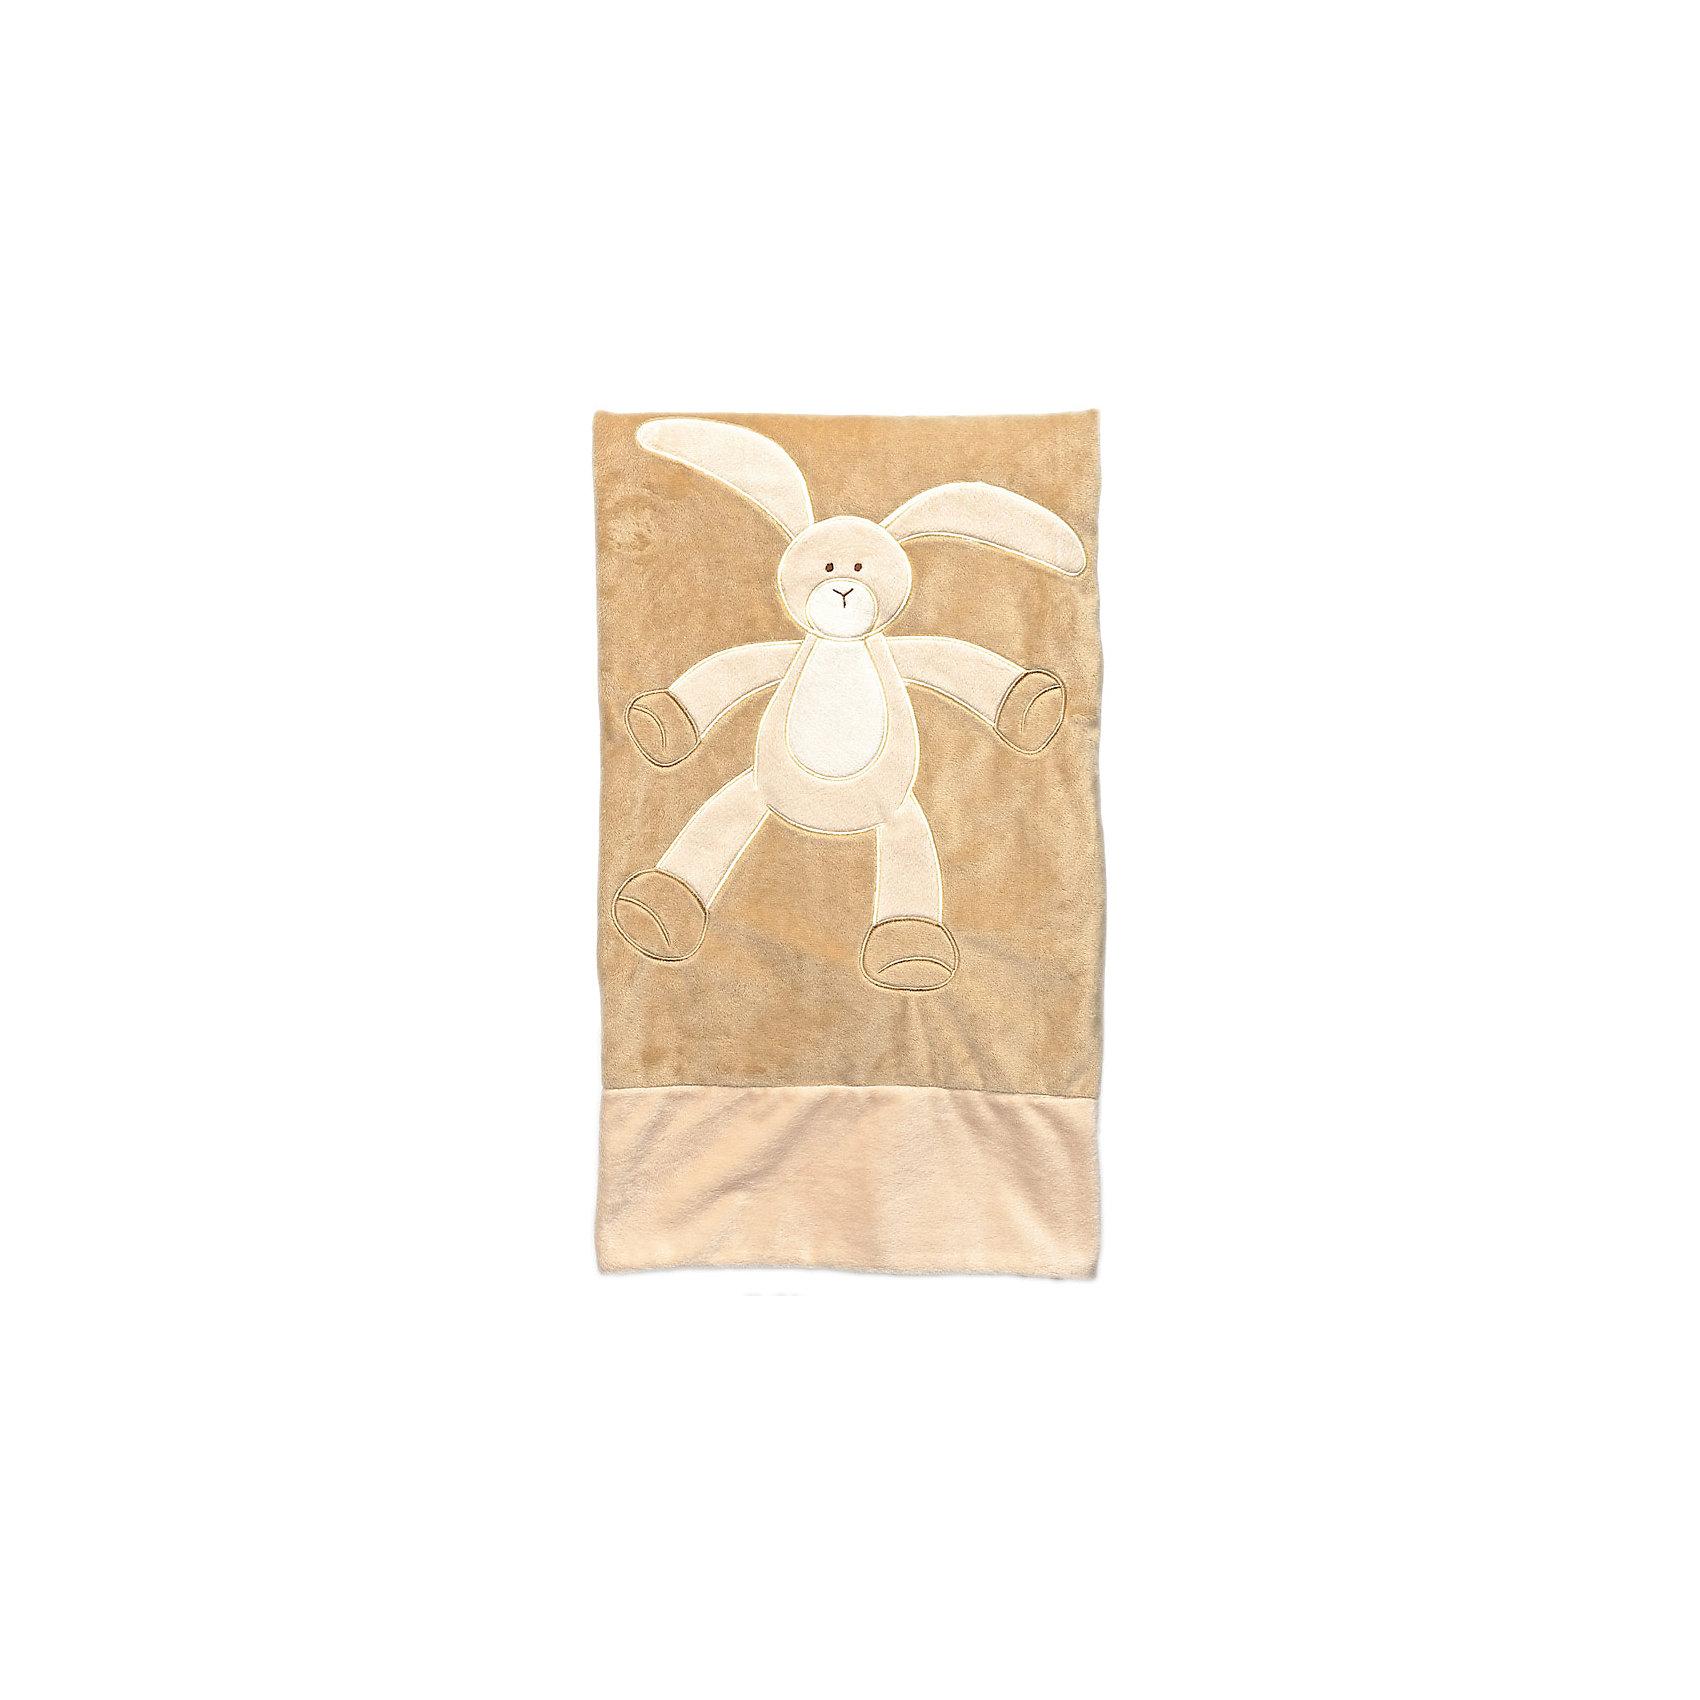 купить Teddykompaniet Плед велюр 80х80 Кролик , Динглисар, Teddykompaniet по цене 3599 рублей